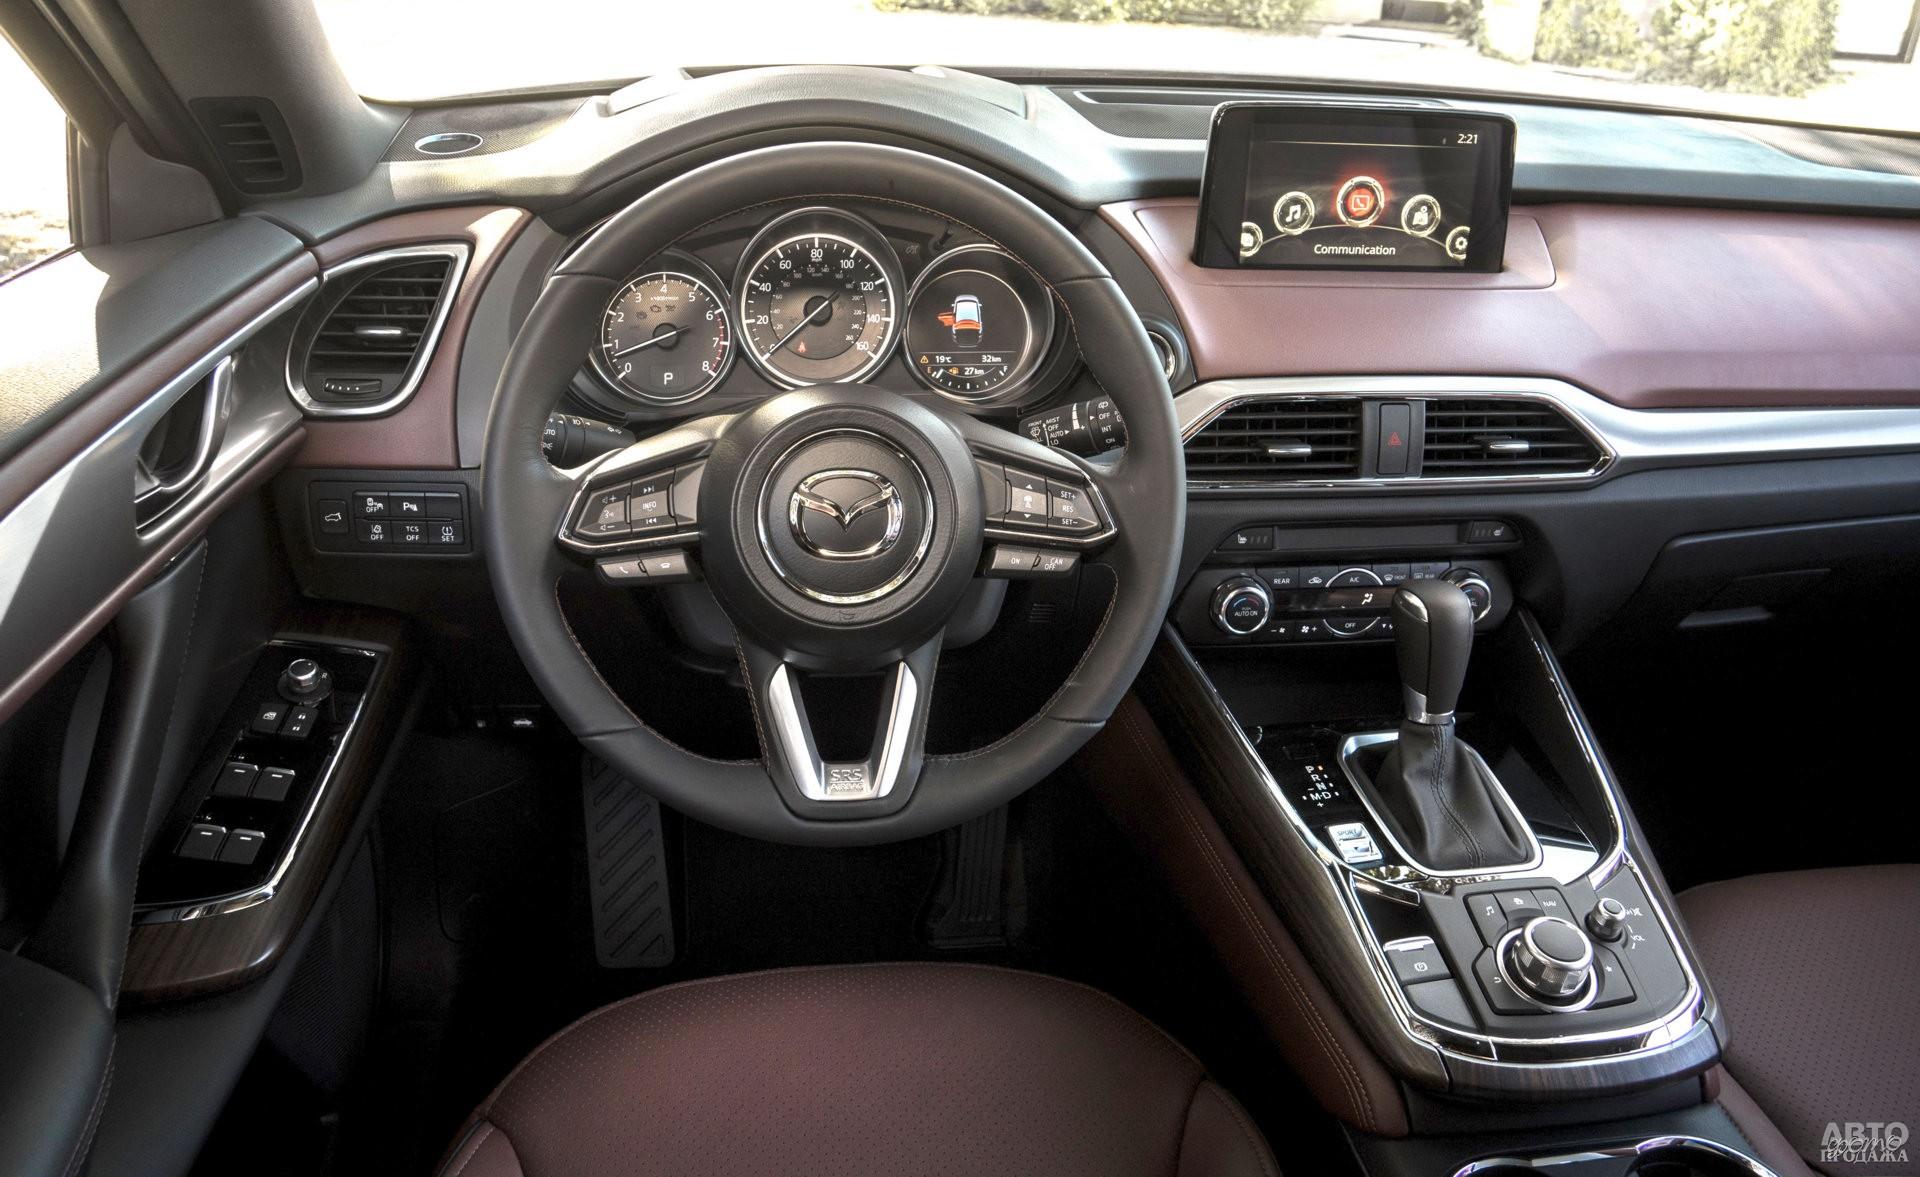 Циферблаты приборов Mazda помещены в отдельные колодцы